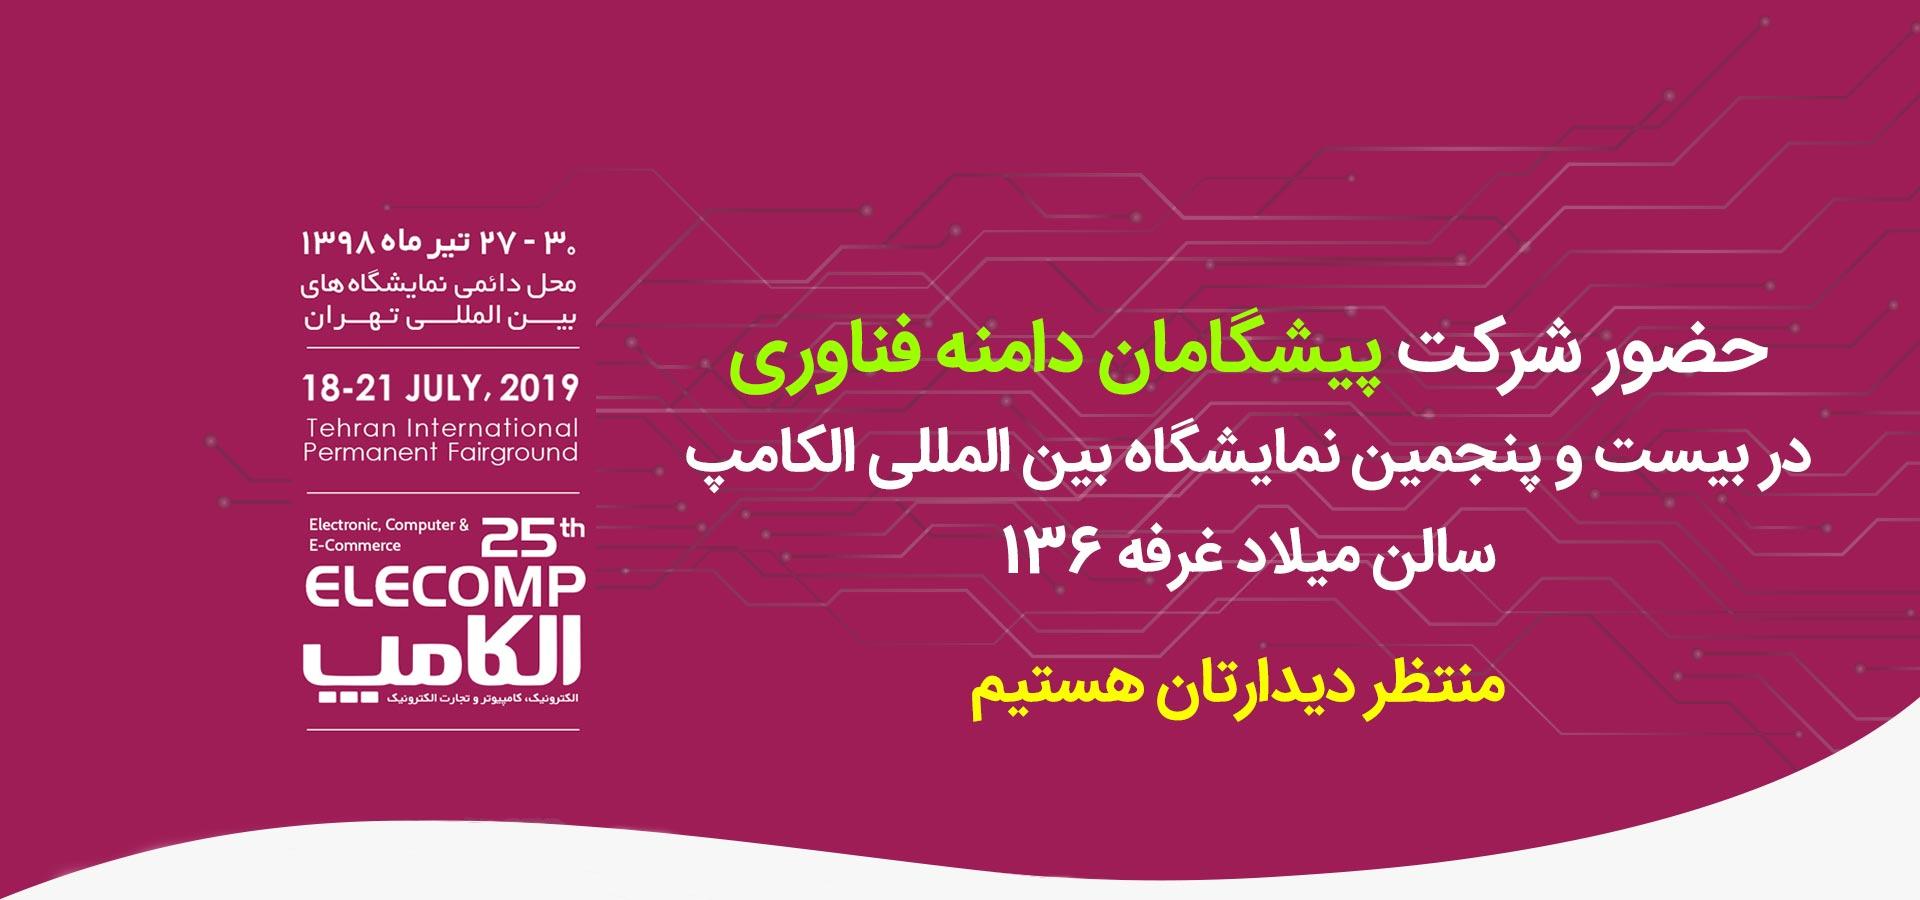 نمایشگاه الکامپ تهران